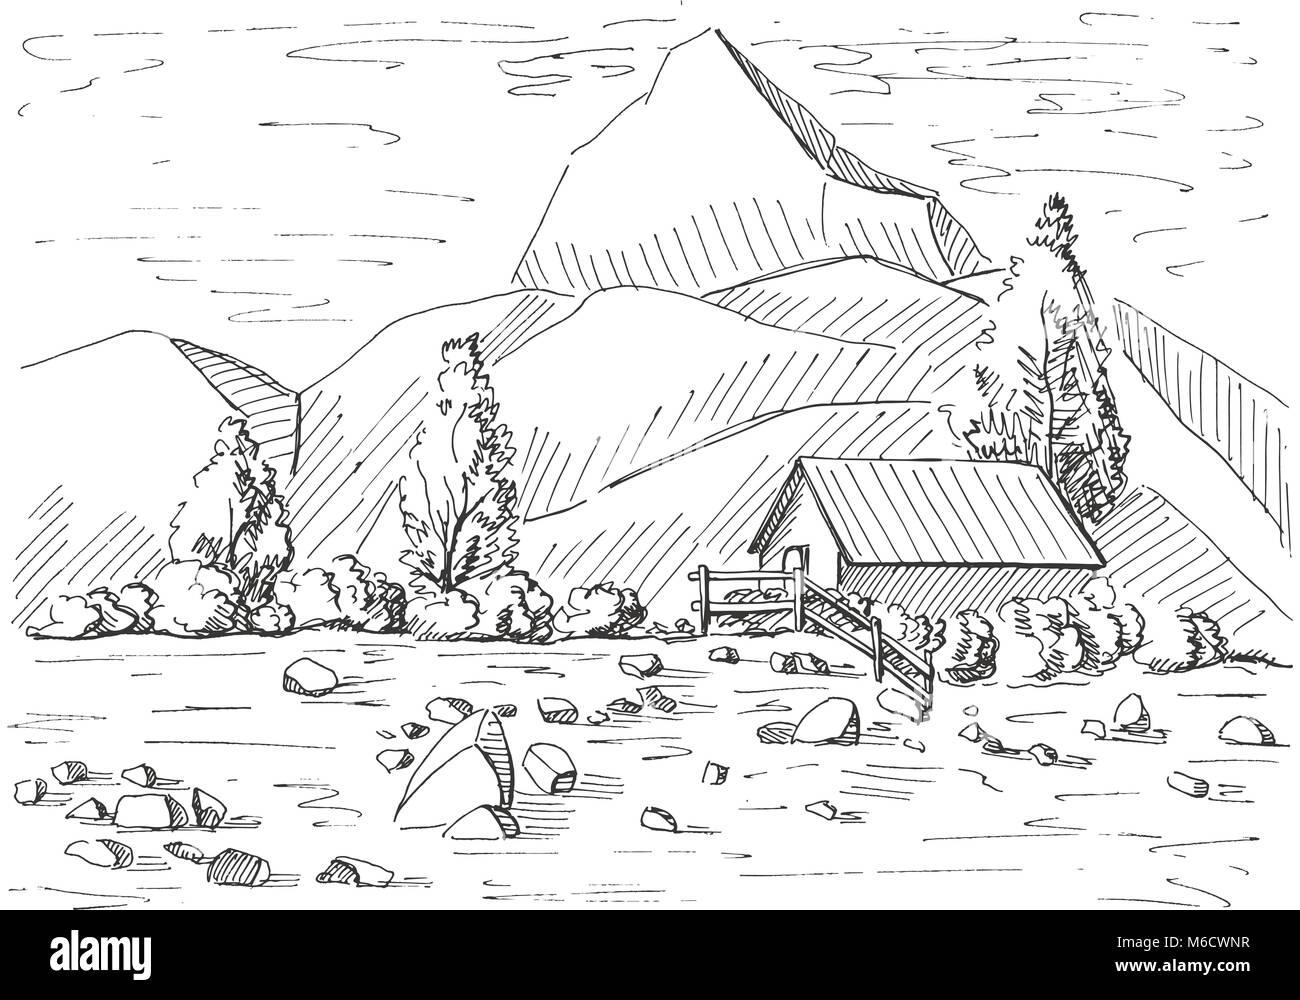 Paesaggio Di Montagna Disegno.Disegno Paesaggio Di Montagna